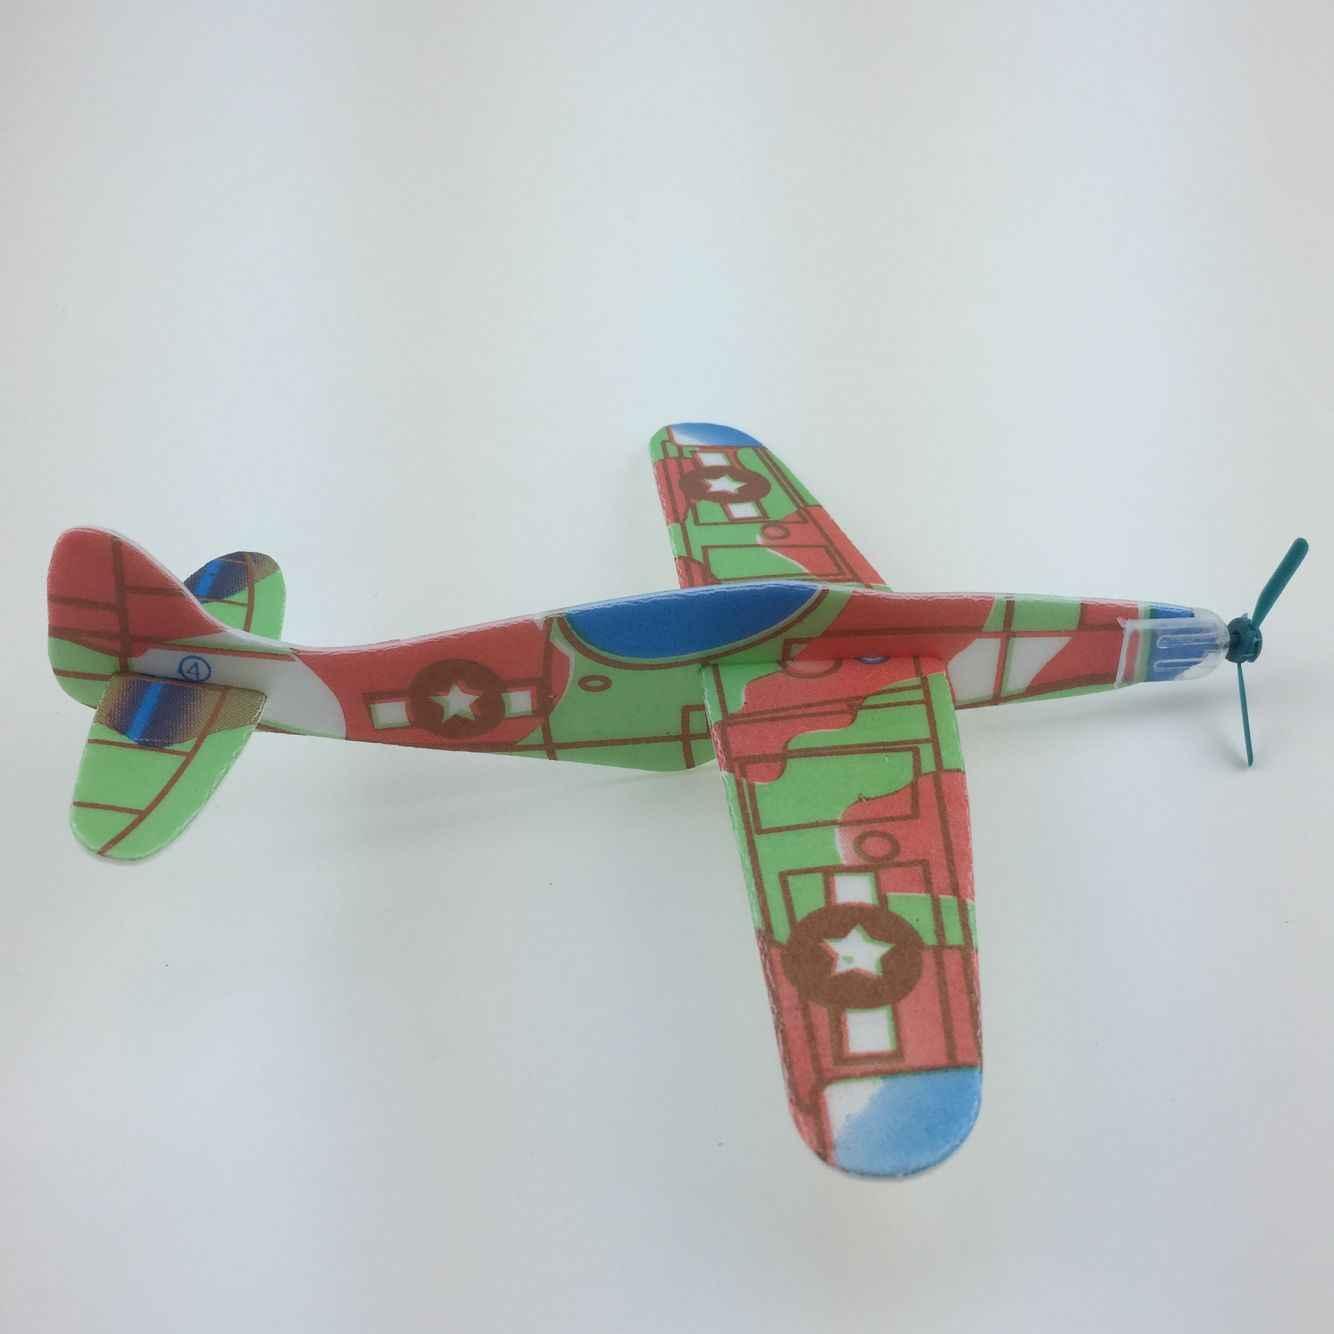 Новые 12 шт. фантастические летающие планеры самолеты самолет вечерние сумки наполнители детские игрушки Подарочная модель